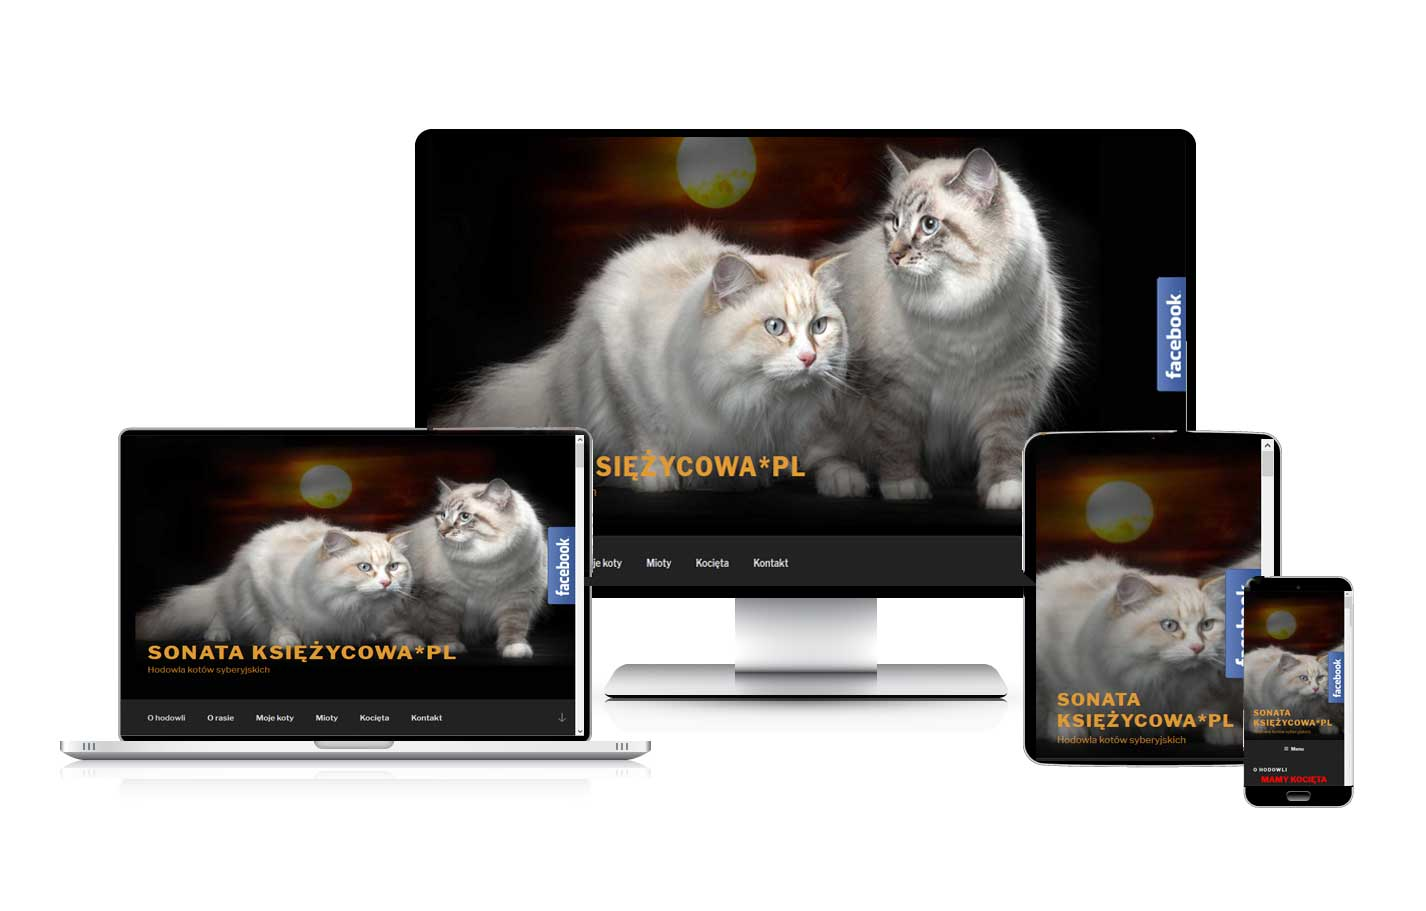 Tworzenie stron internetowych. Strona dla hodowli kotów